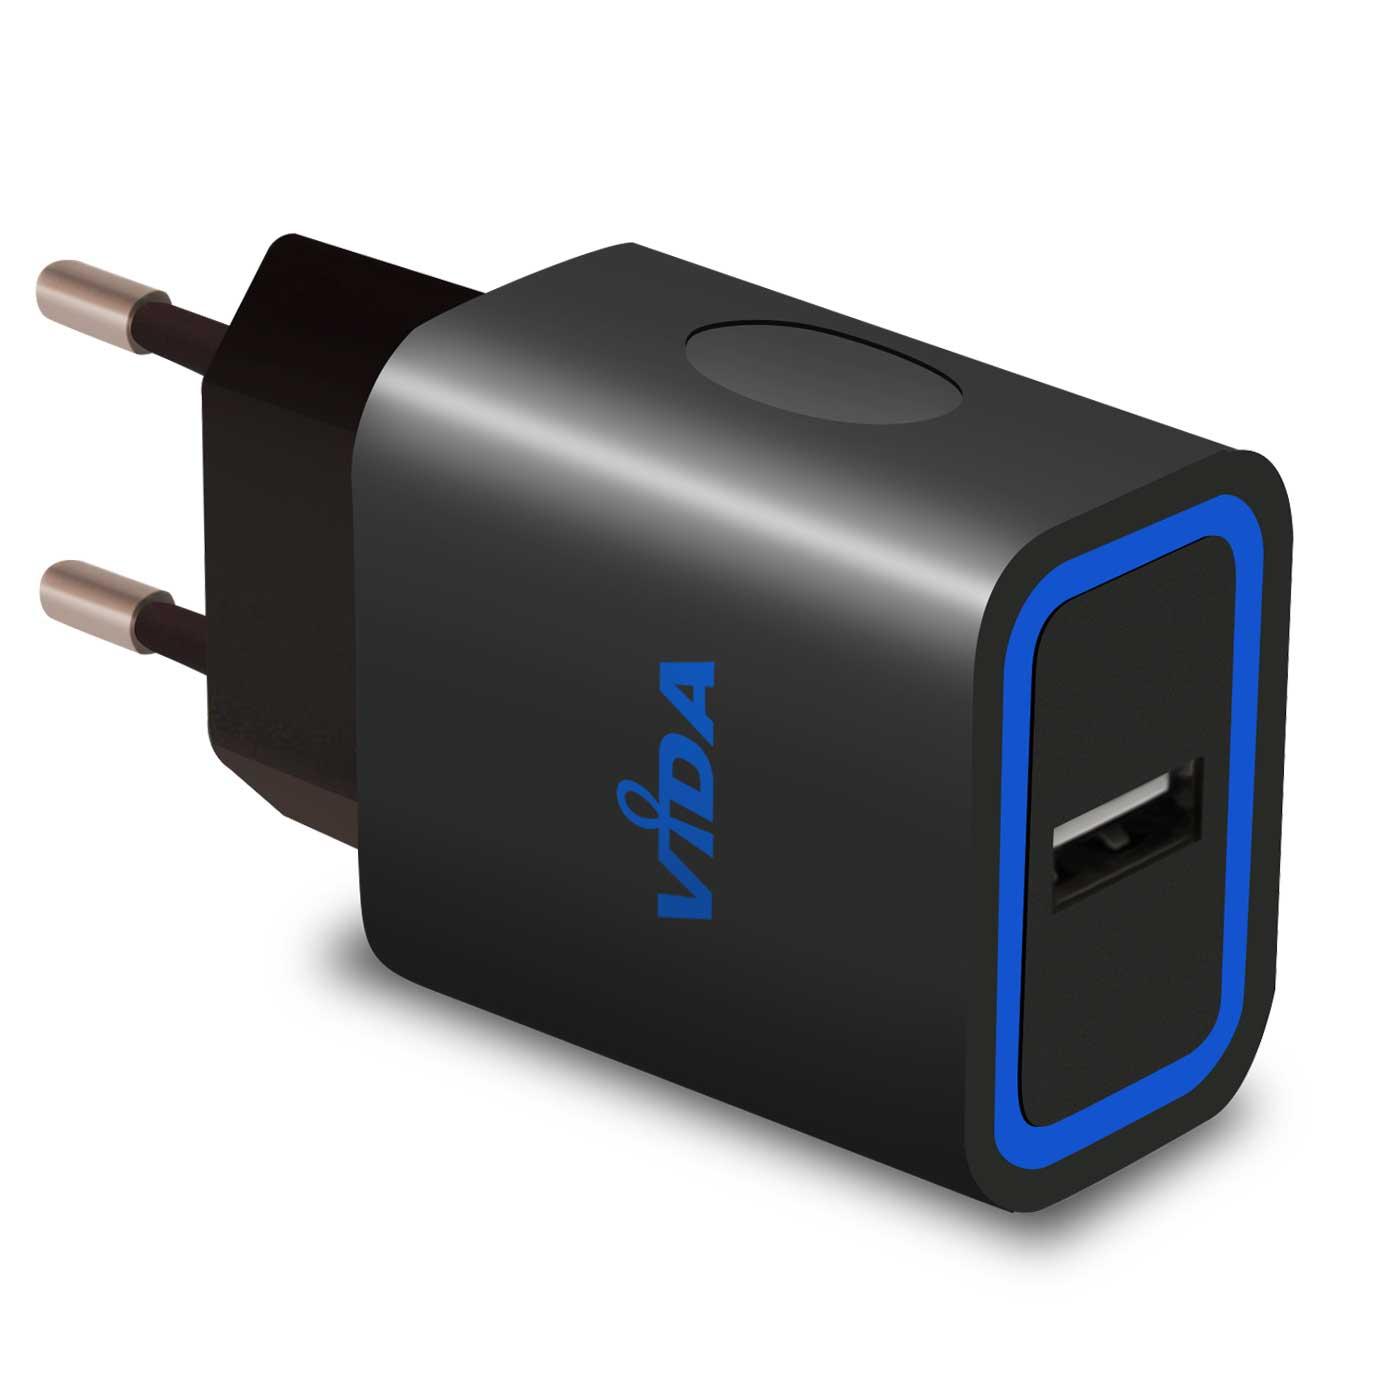 Caricabatteria-da-Muro-a-Parete-Super-Veloce-Caricatore-USB-2-4A-Per-Cellulare miniatura 6